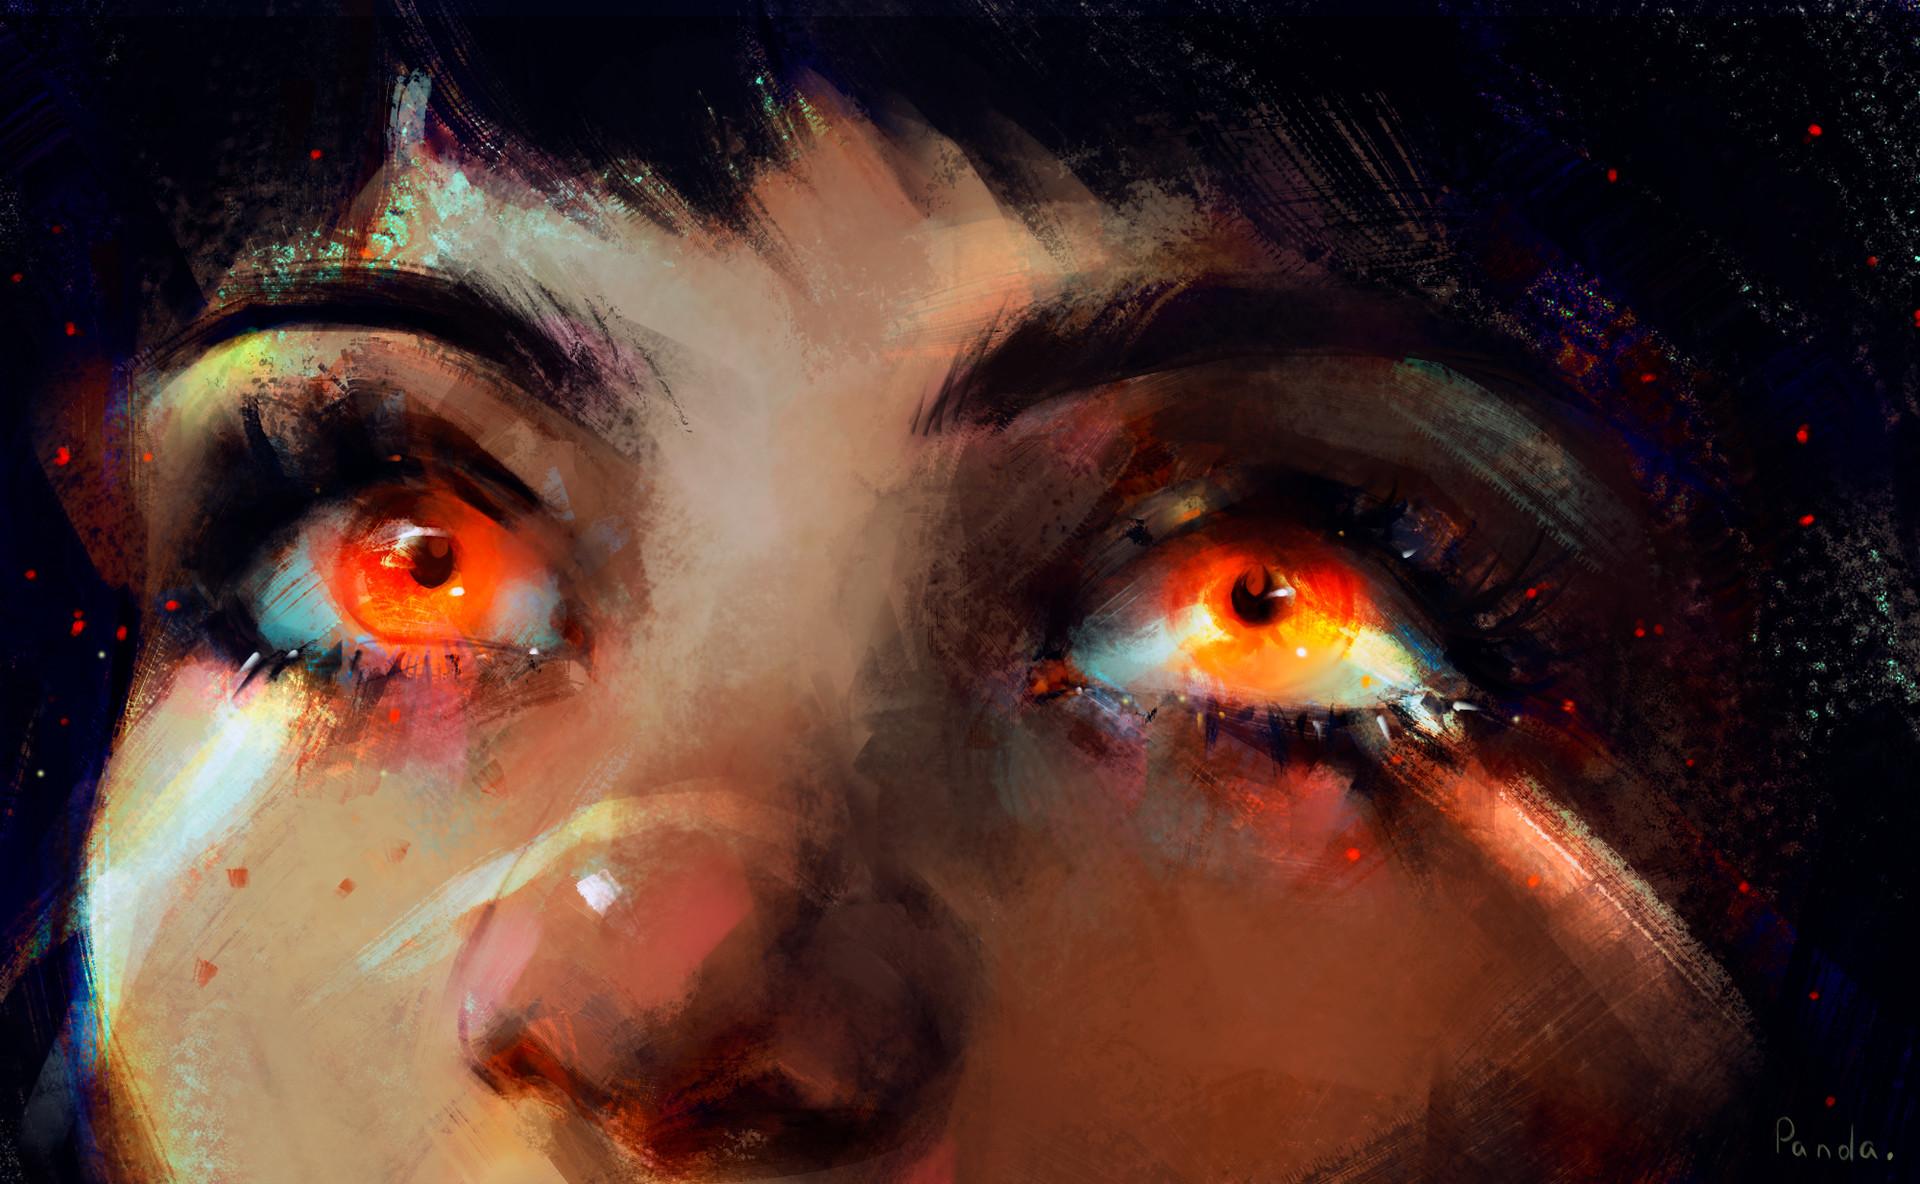 General 1920x1184 Yana Panda women eyes digital art drawing large eyes artwork closeup orange eyes ArtStation